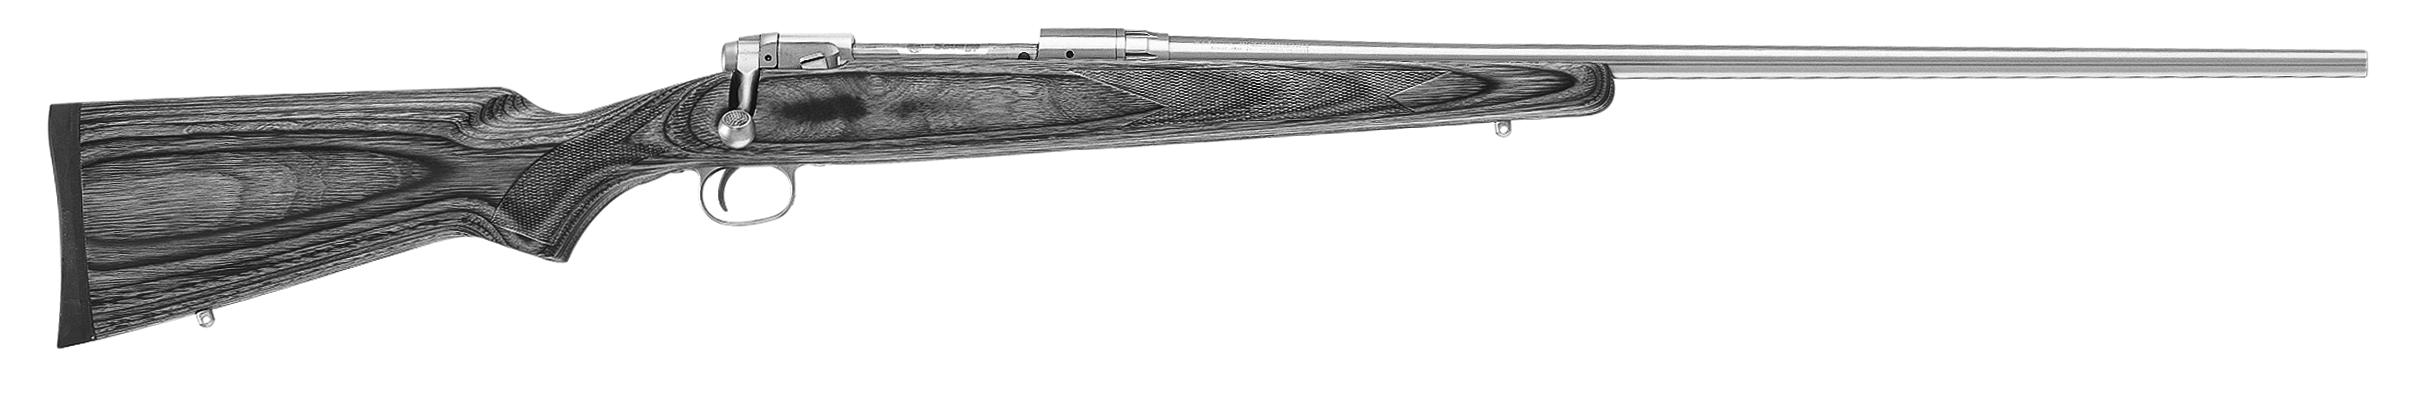 Model 16BSS